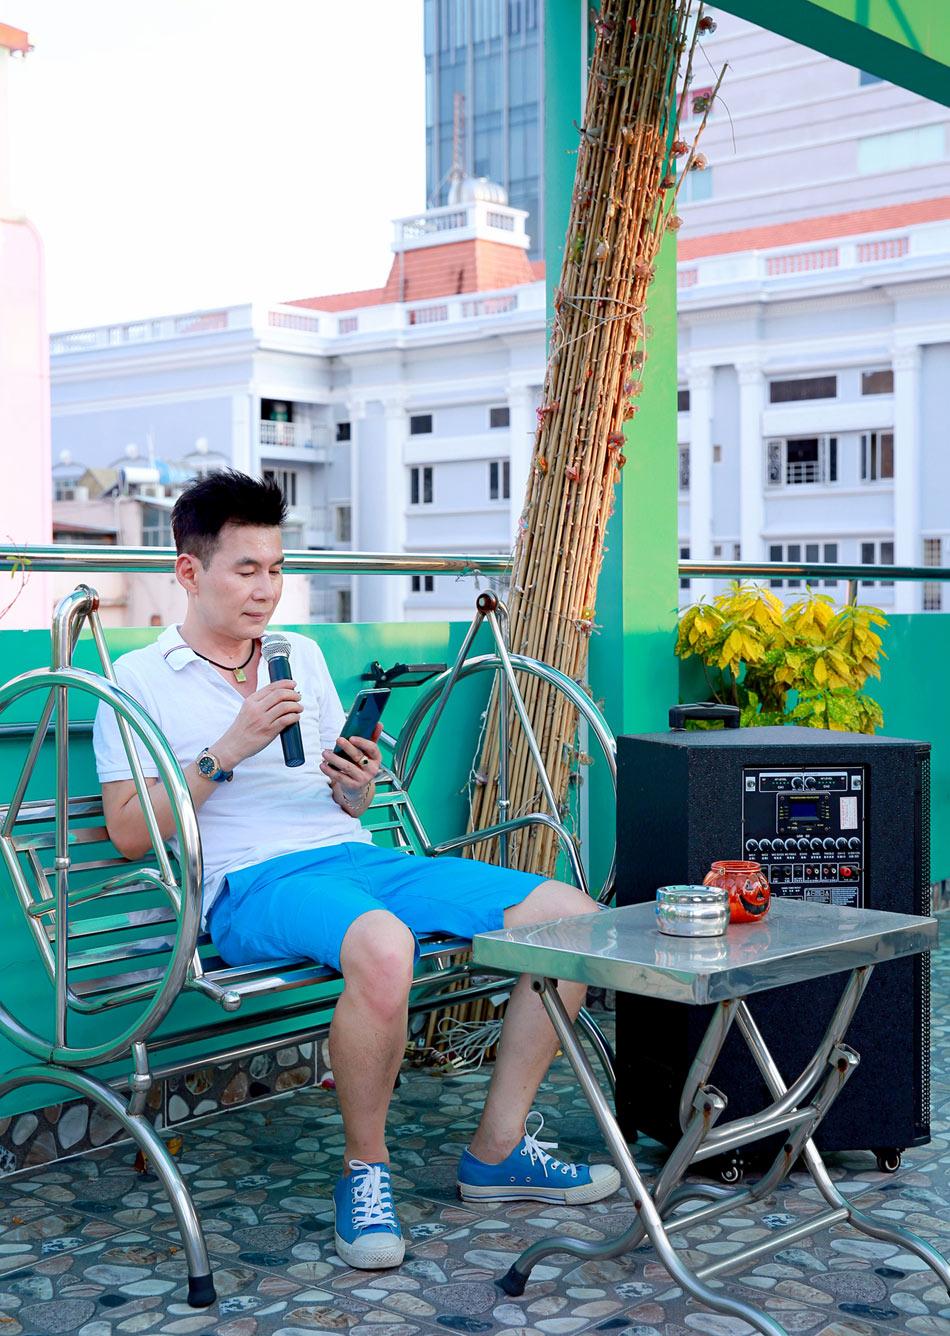 """Sao Việt ở nhà mặt tiền Sài thành 700m2: """"Hơn 1 tháng qua tôi không làm ra được đồng nào"""" - 6"""